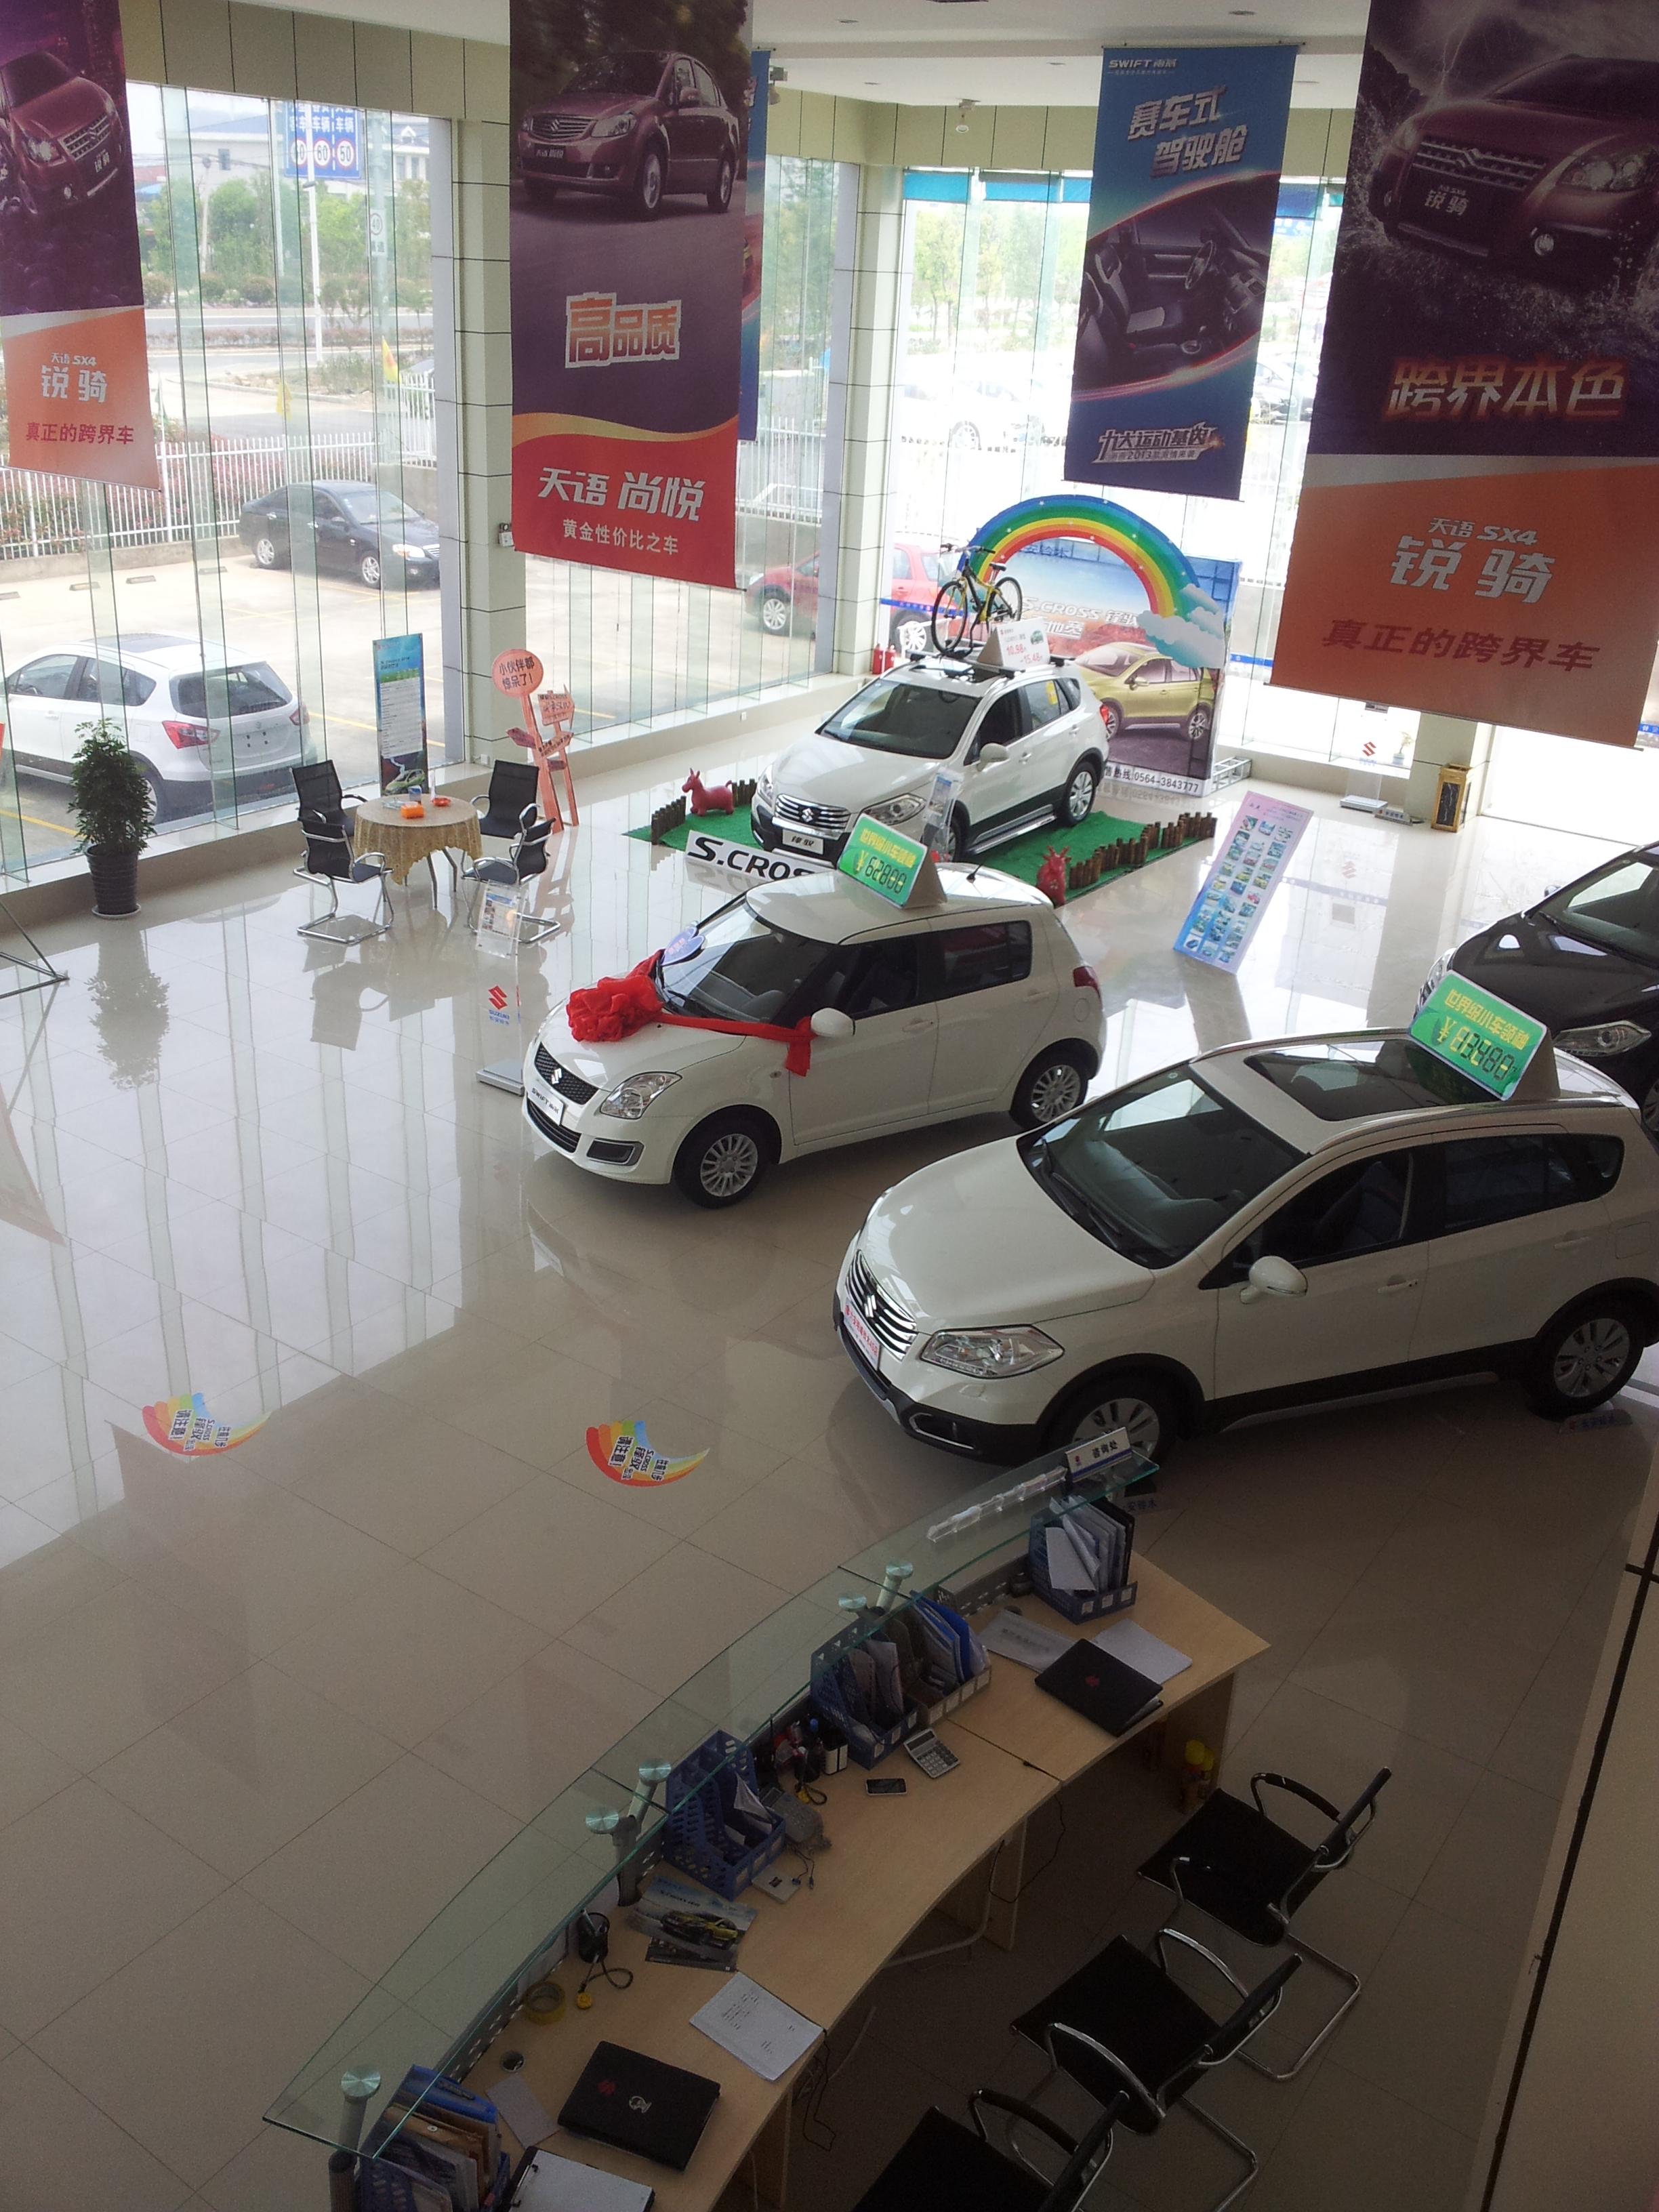 4s店销售顾问接待流程_4s店销售顾问的收入